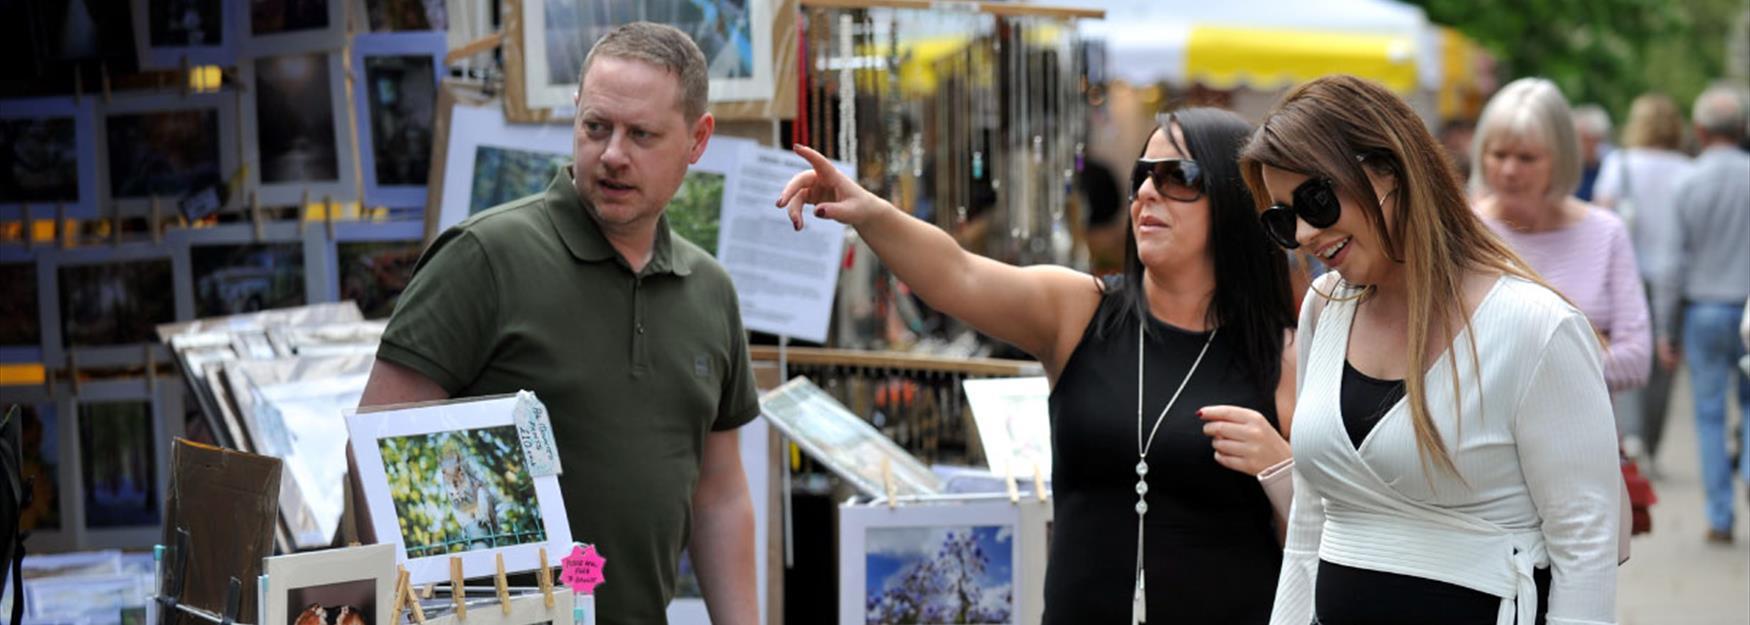 Two women browsing an art stall at a Cheltenham craft market